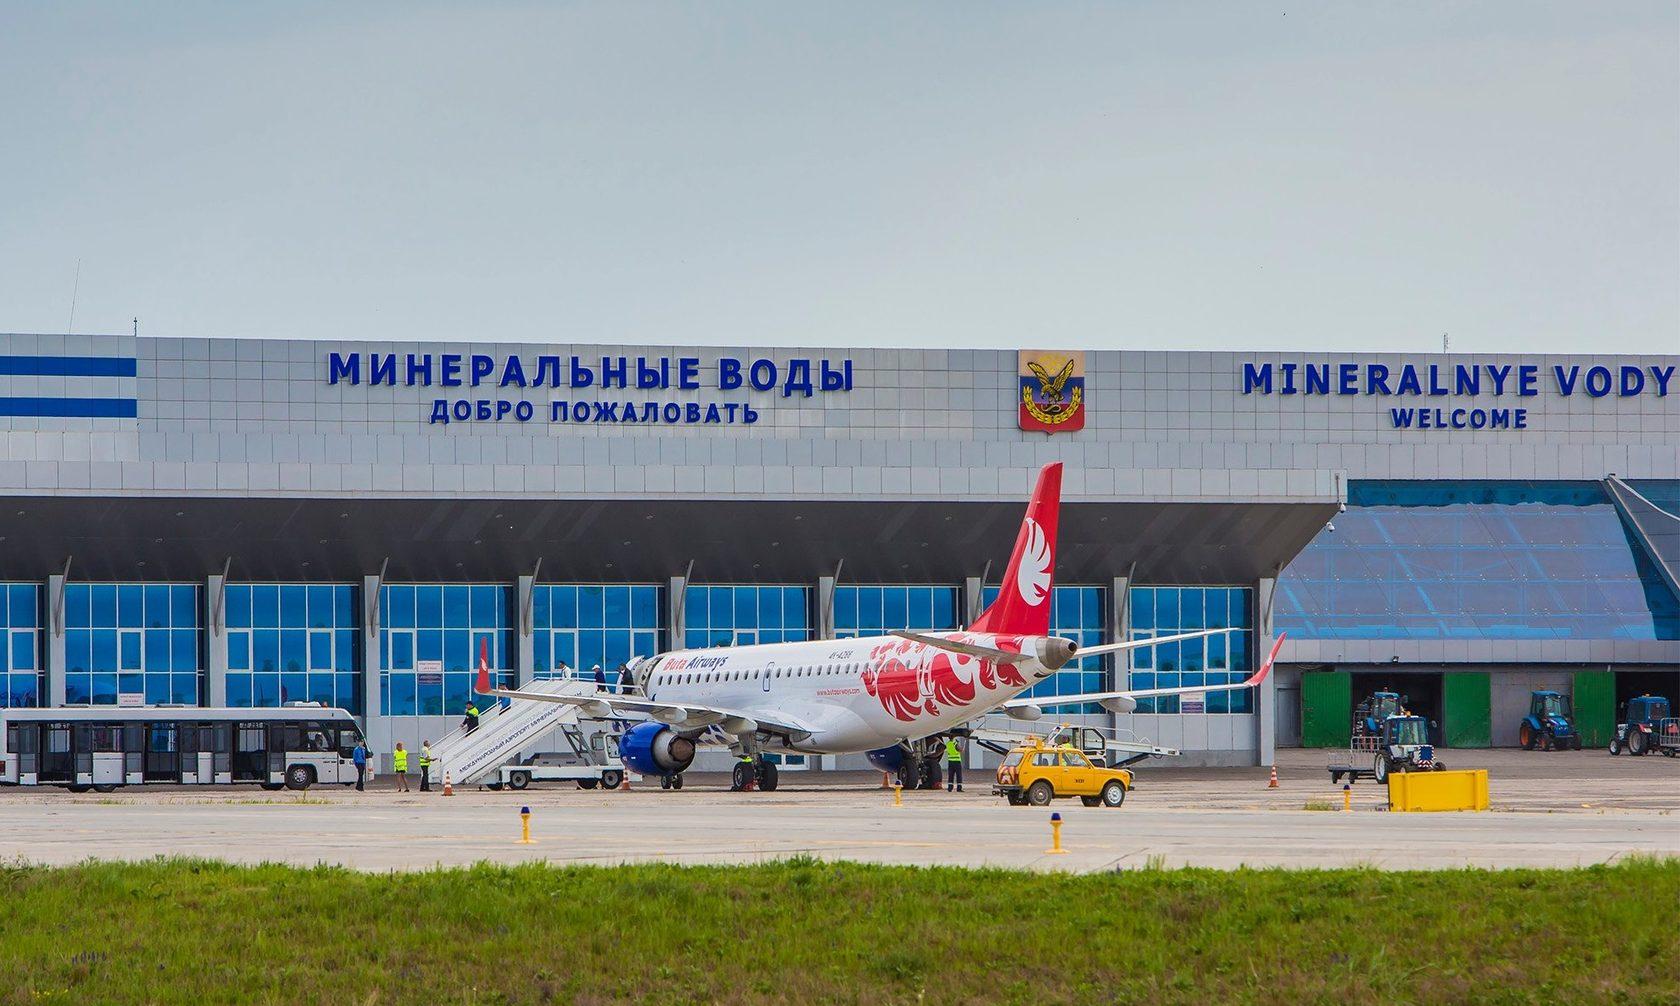 Как добраться в Архыз? Аэропорт города Минеральные воды